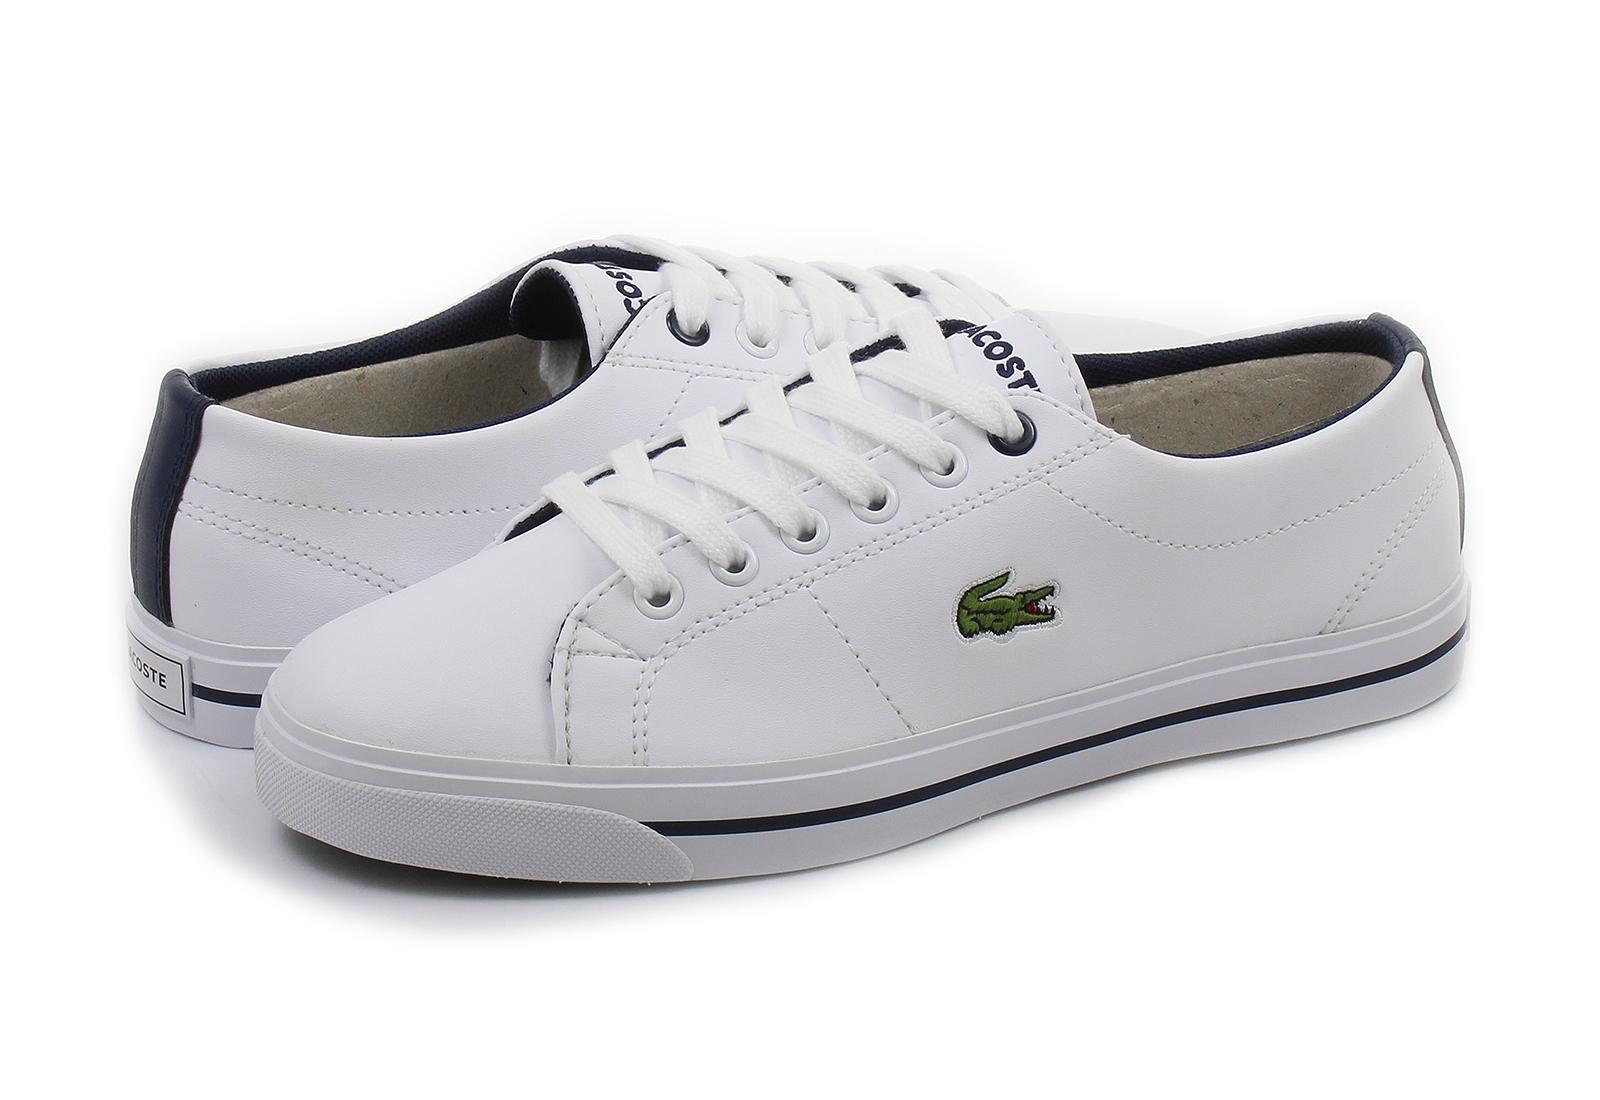 Lacoste Cipő - Riberac - 171caj1017-042 - Office Shoes Magyarország 9e7873d69a